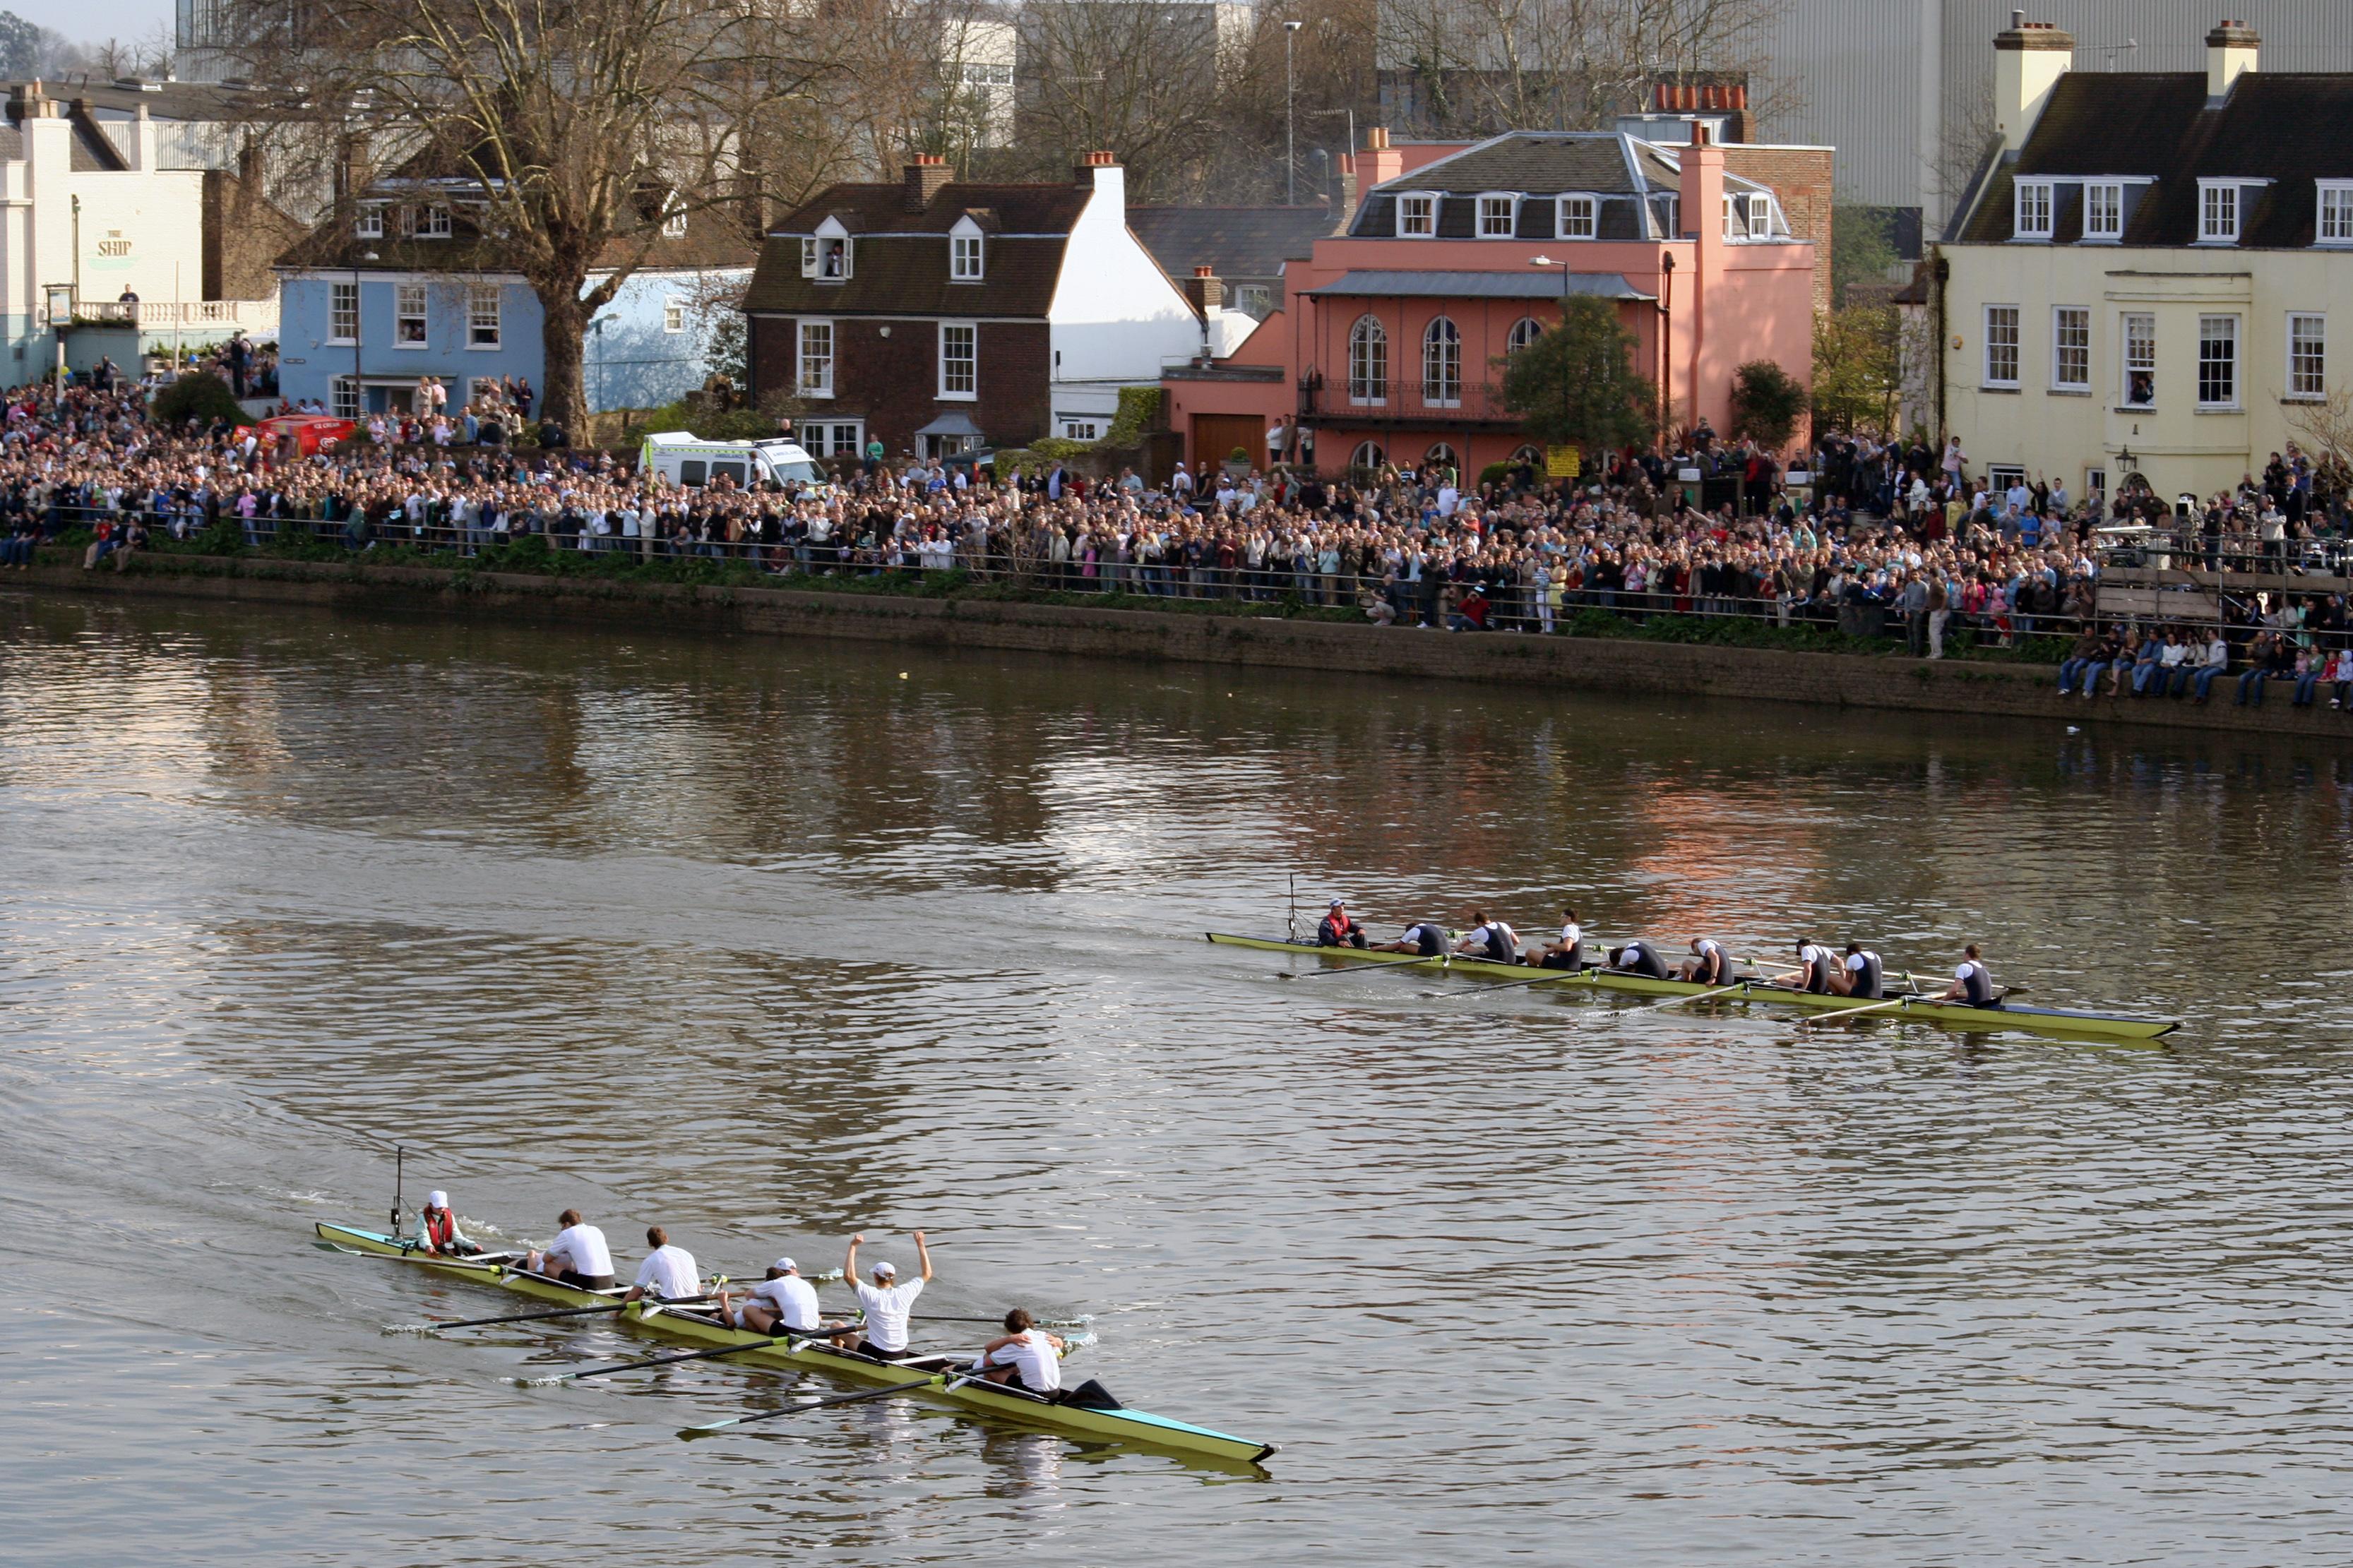 La regata entre Oxford y Cambridge lleva enfrentando a los remeros de las dos prestigiosas universidades desde 1829.